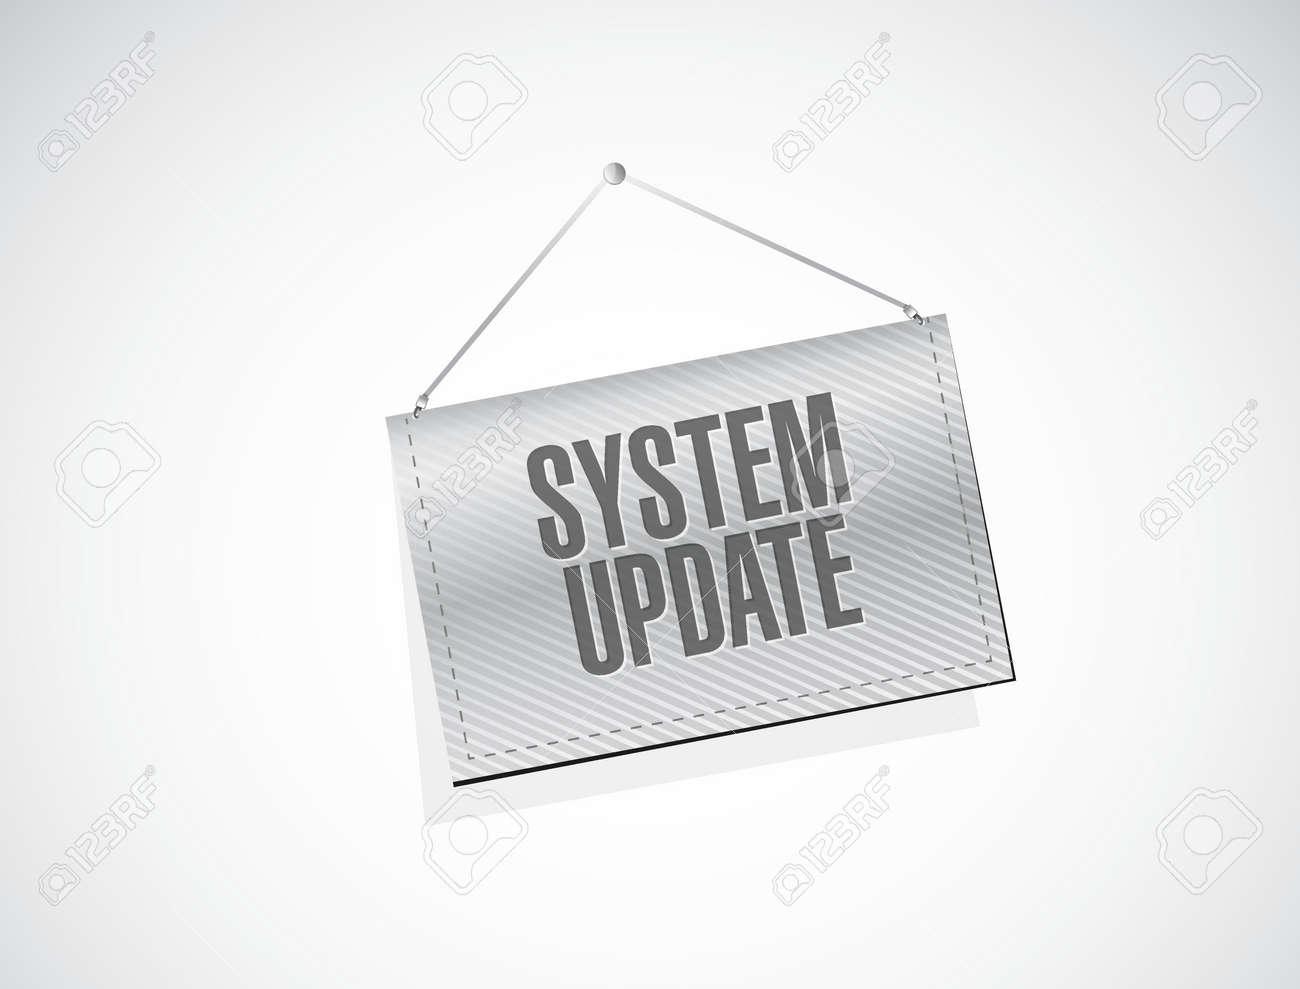 システム更新バナー記号概念イラスト デザイン グラフィック